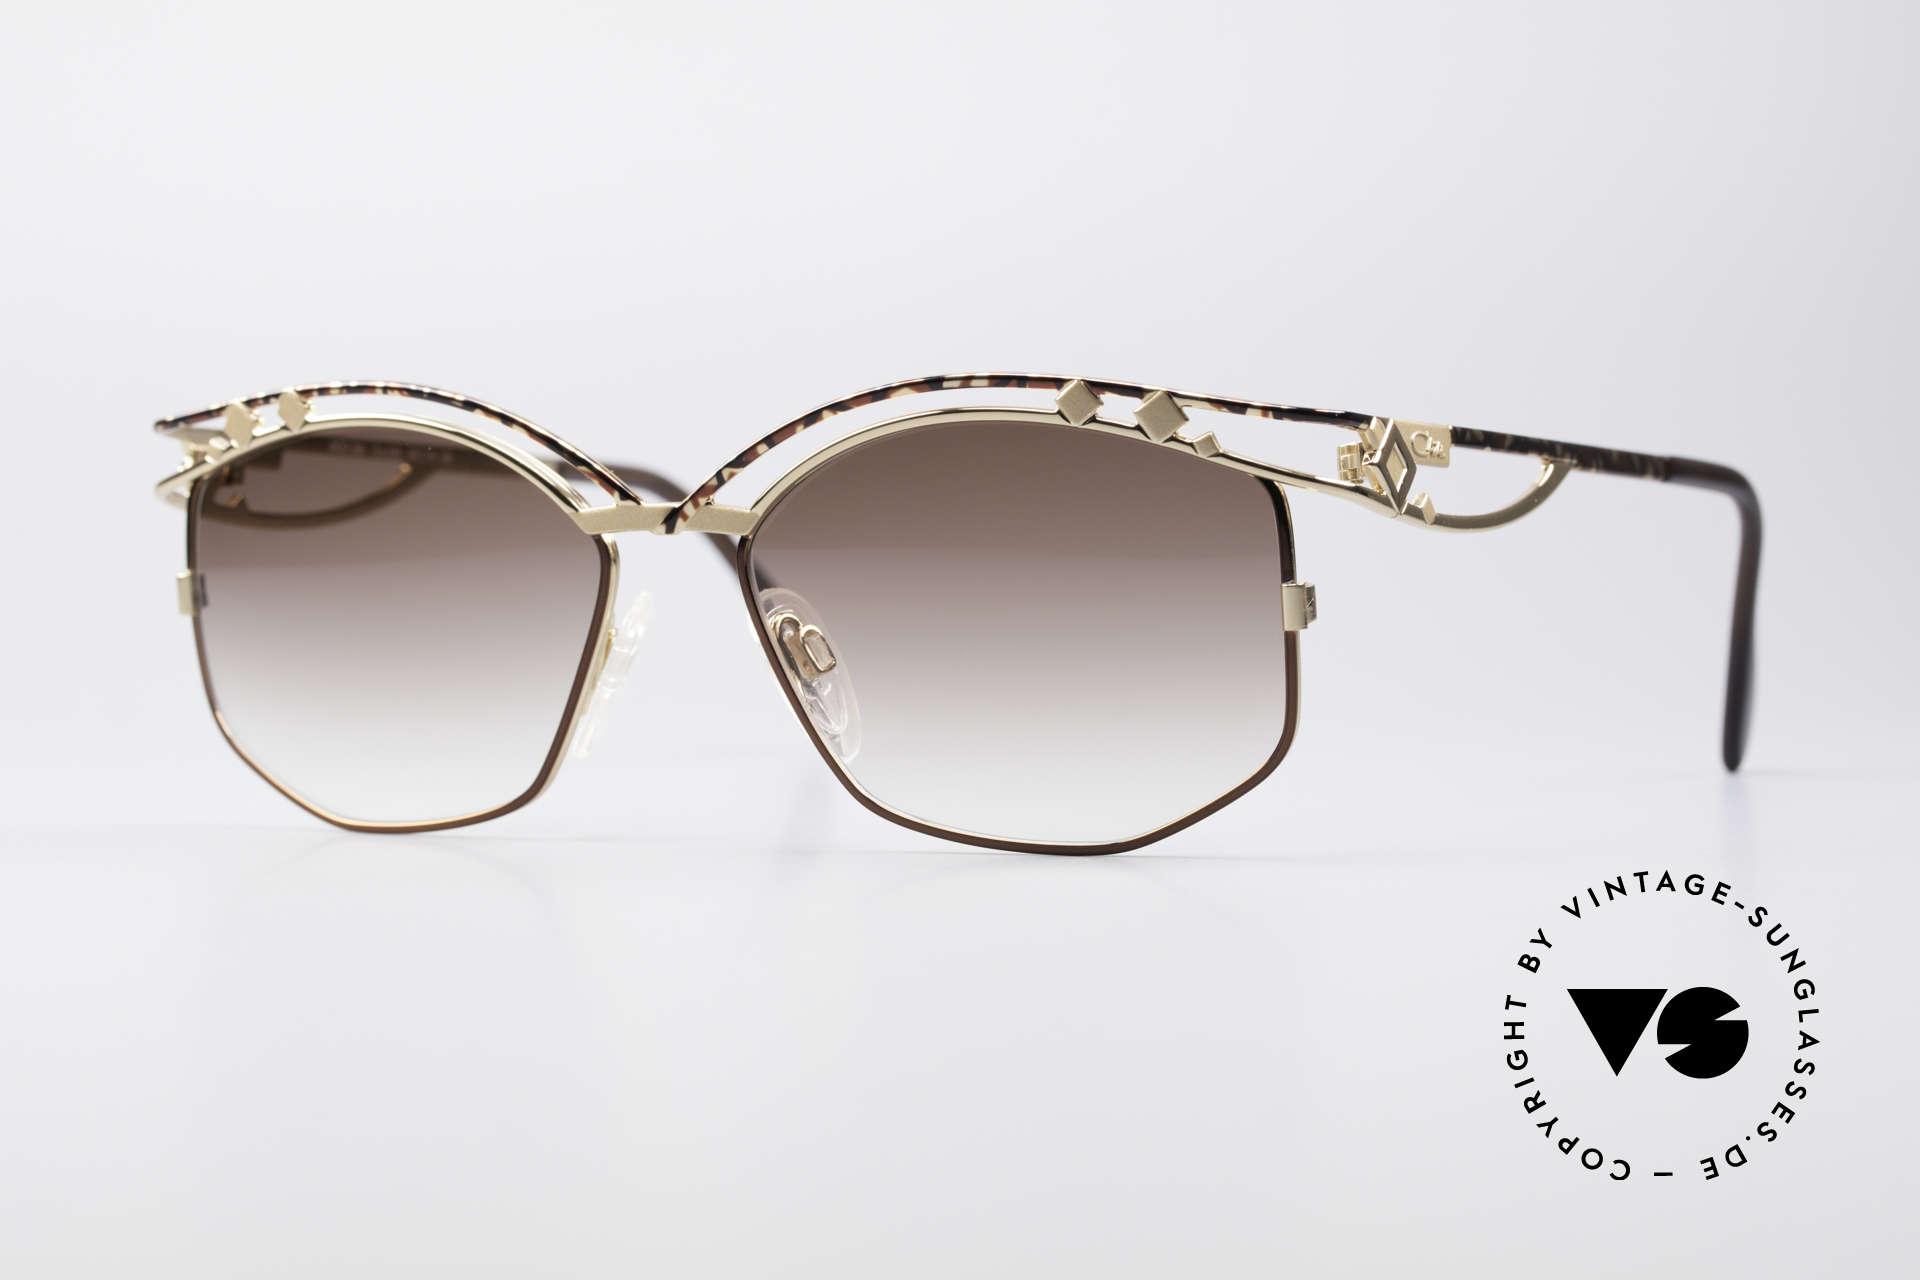 Cazal 280 Designer Damen Sonnenbrille, echte Cazal vintage Designer-Brille von ca. 1997, Passend für Damen